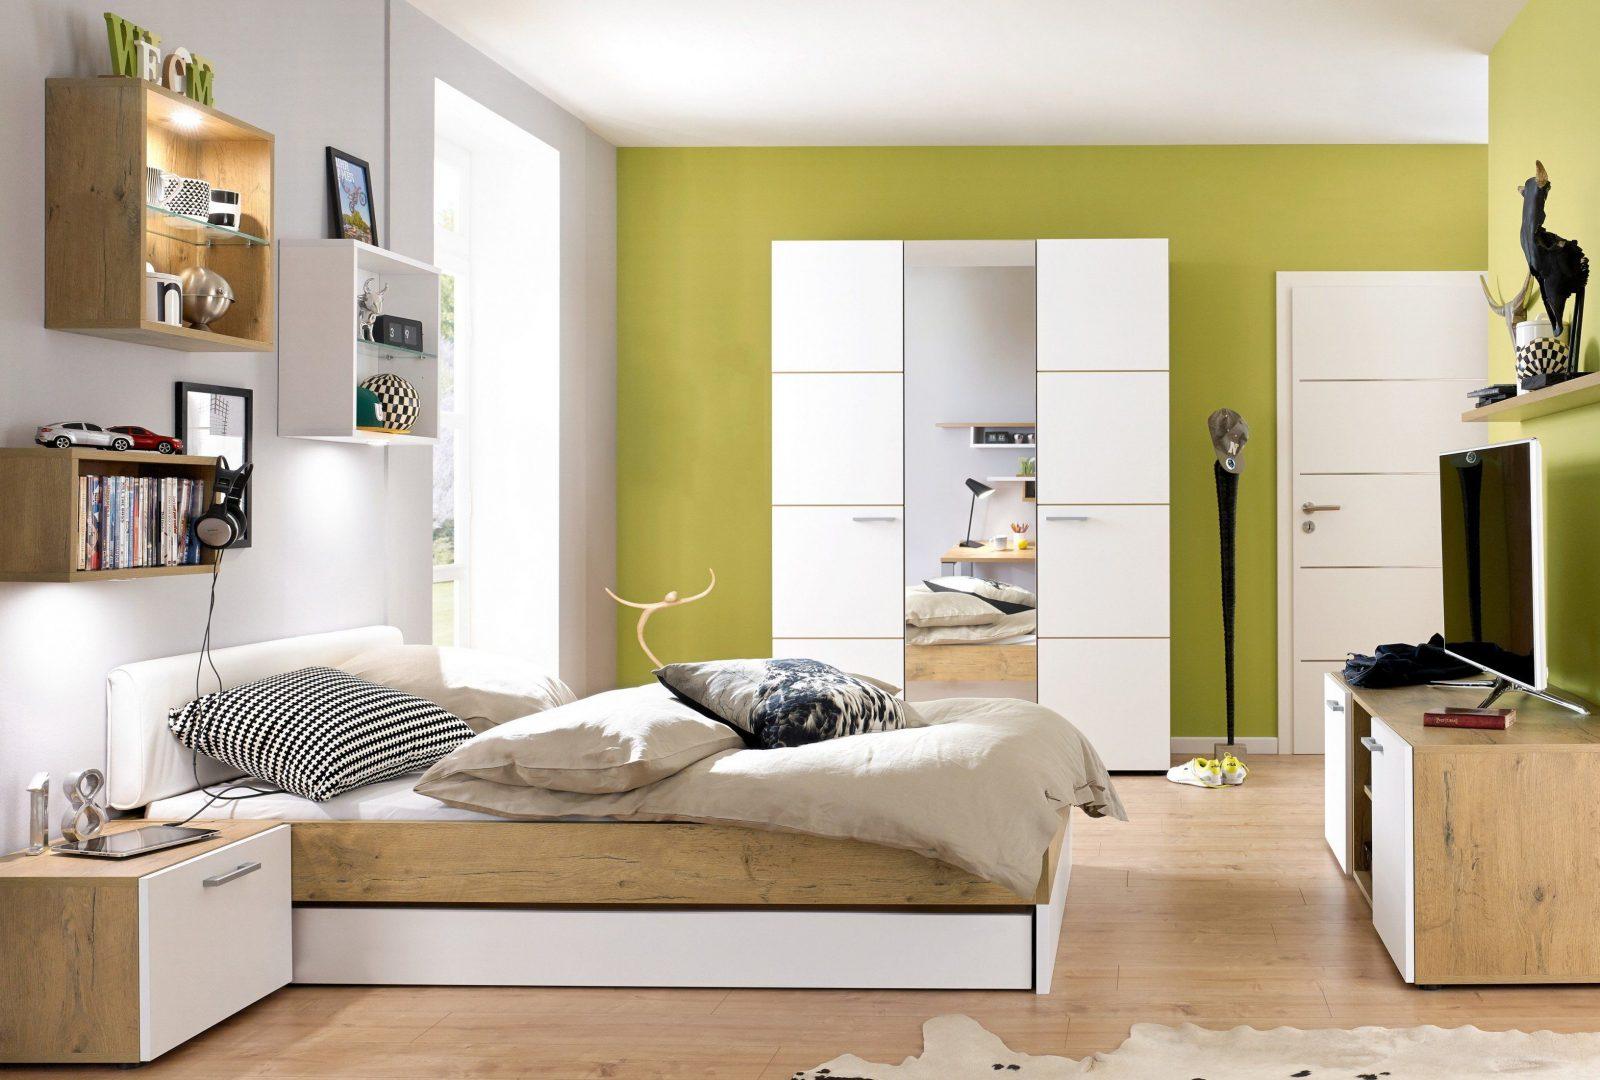 High 5 Rudolf Kleiderschrank & Bett Mit Gästebett  Möbel Letz  Ihr von Jugendzimmer Bett Mit Bettkasten Bild